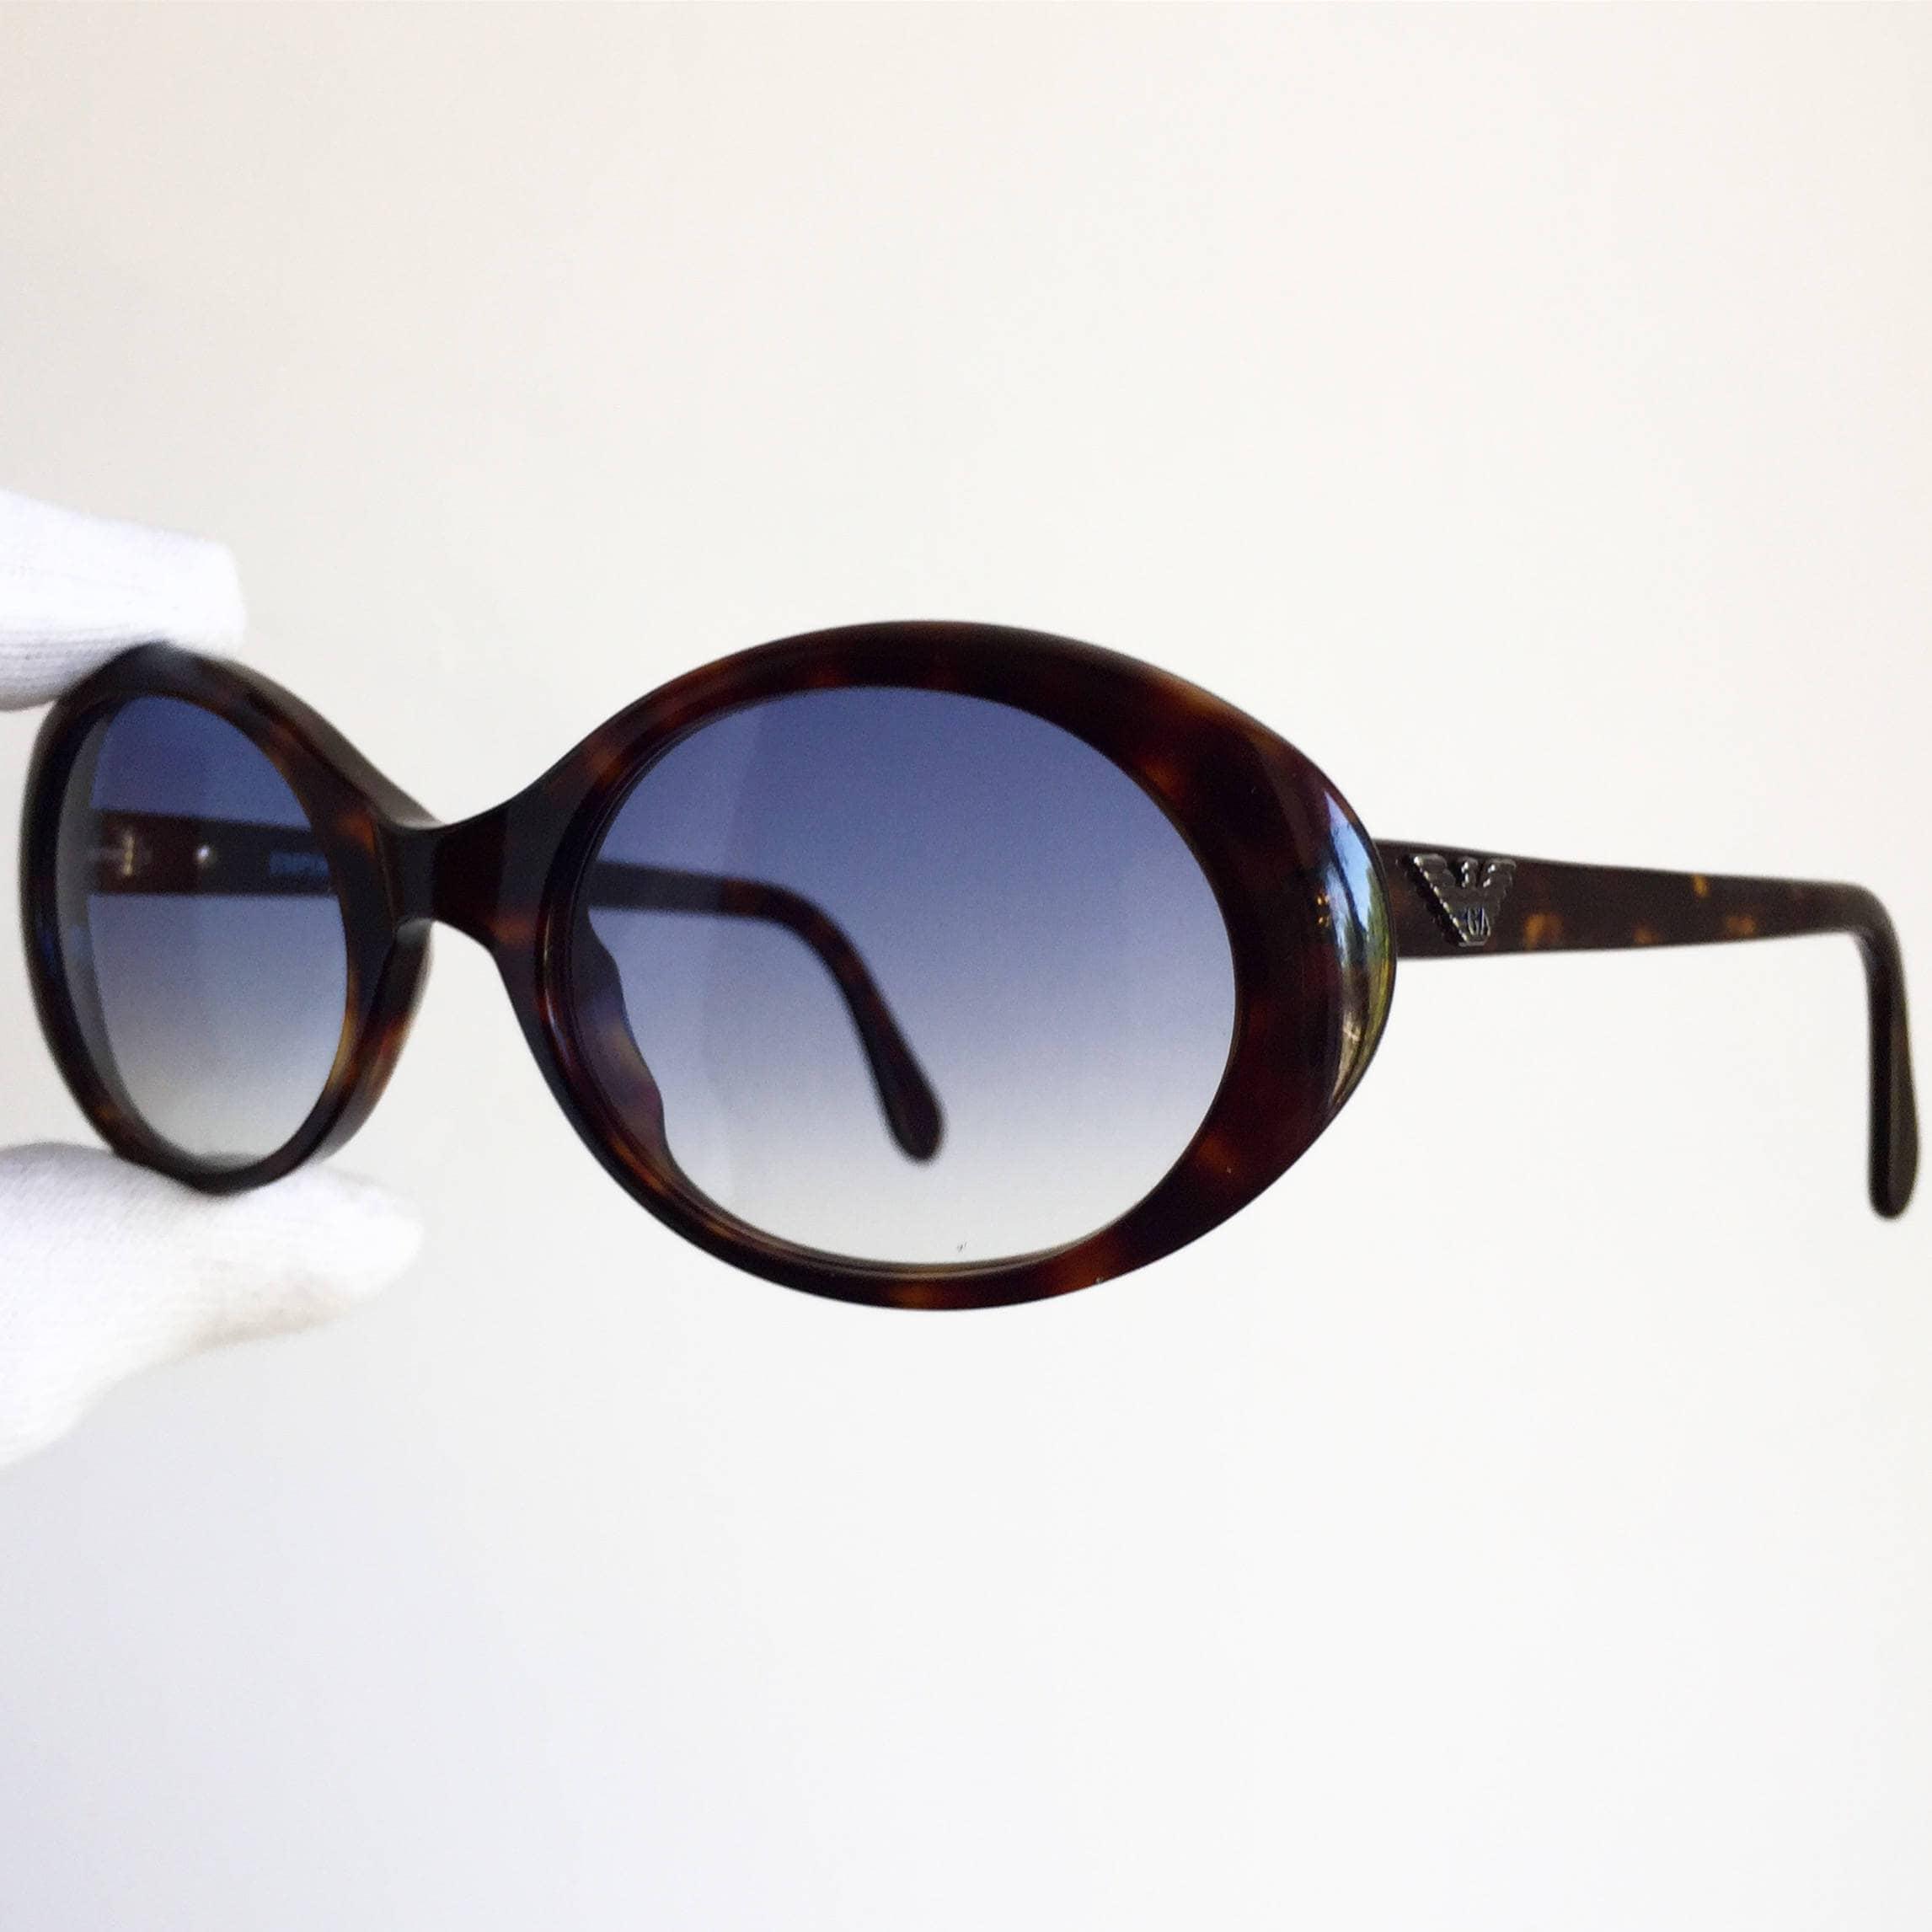 ARMANI Jahrgang Sonnenbrille seltene ovale kleine neue blaue   Etsy